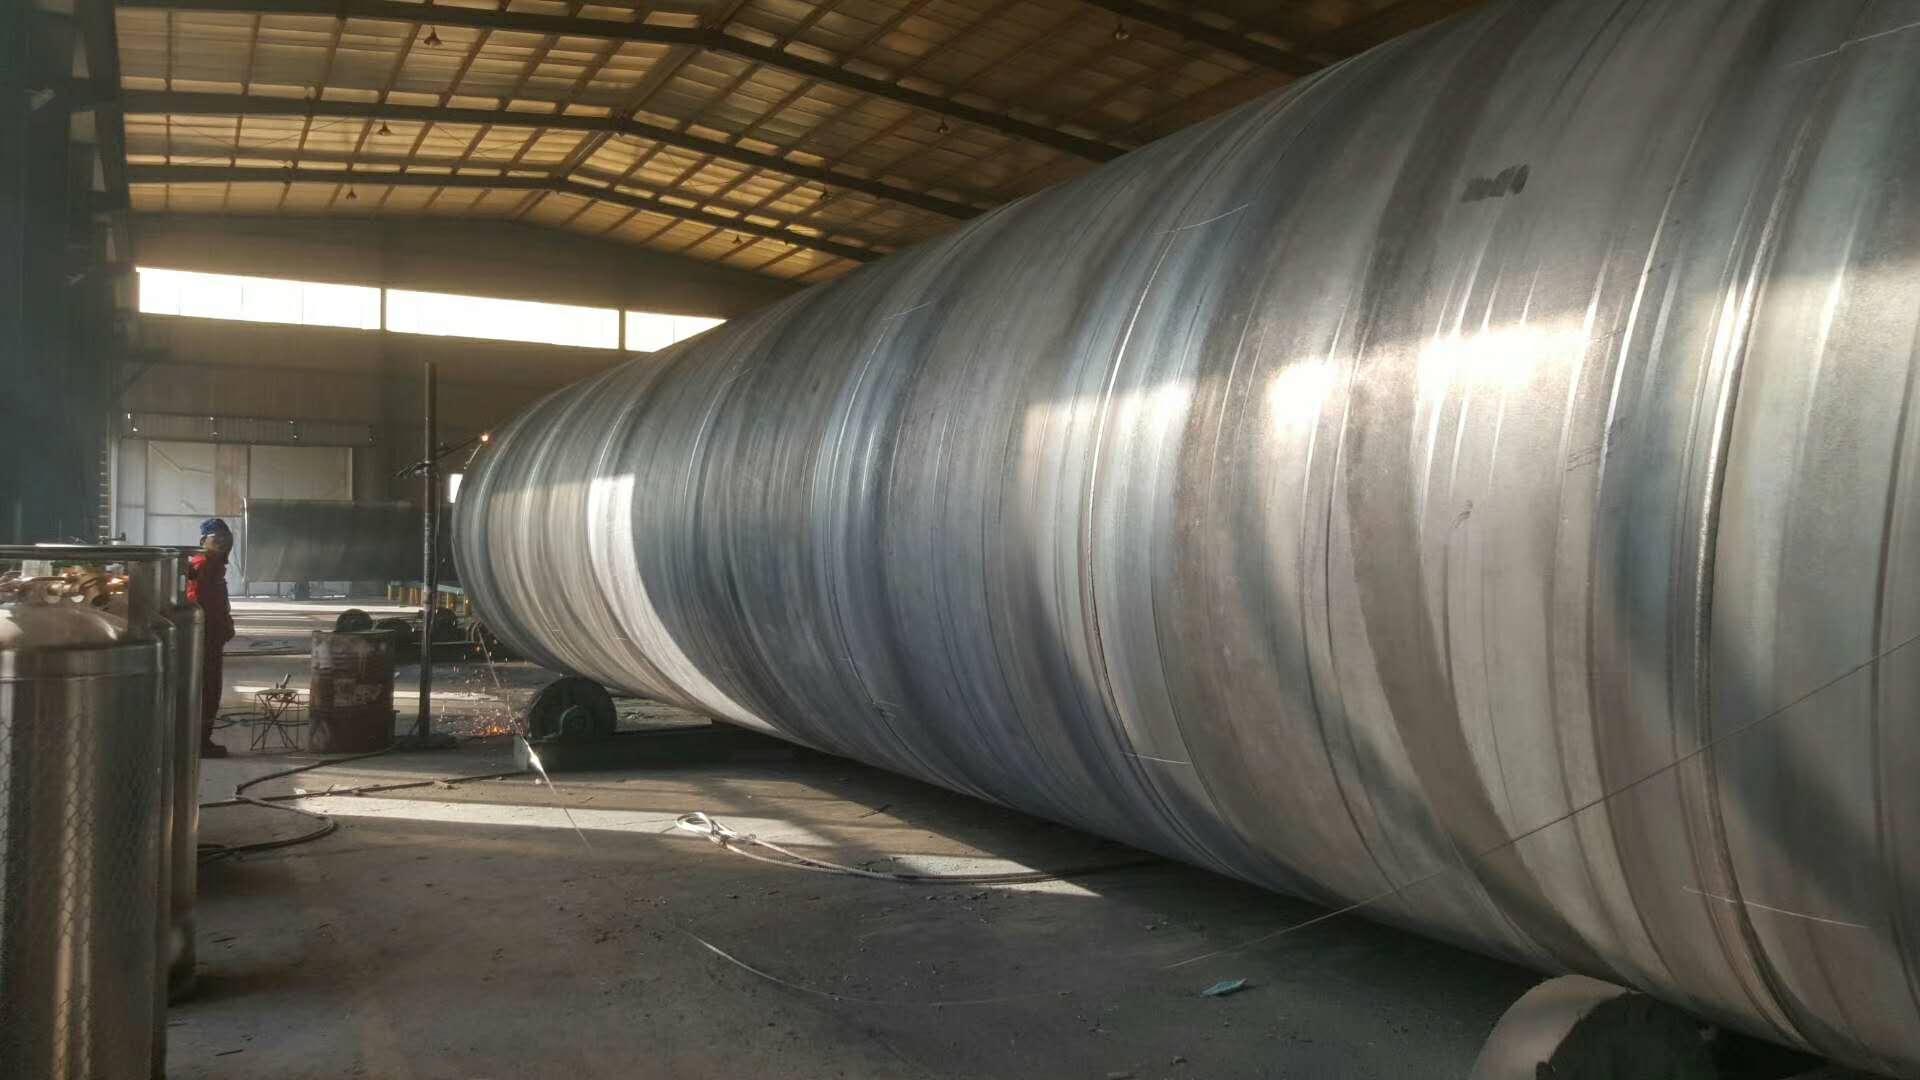 大理白族自治州巍山彝族回族自治县外径273焊接钢管哪家强